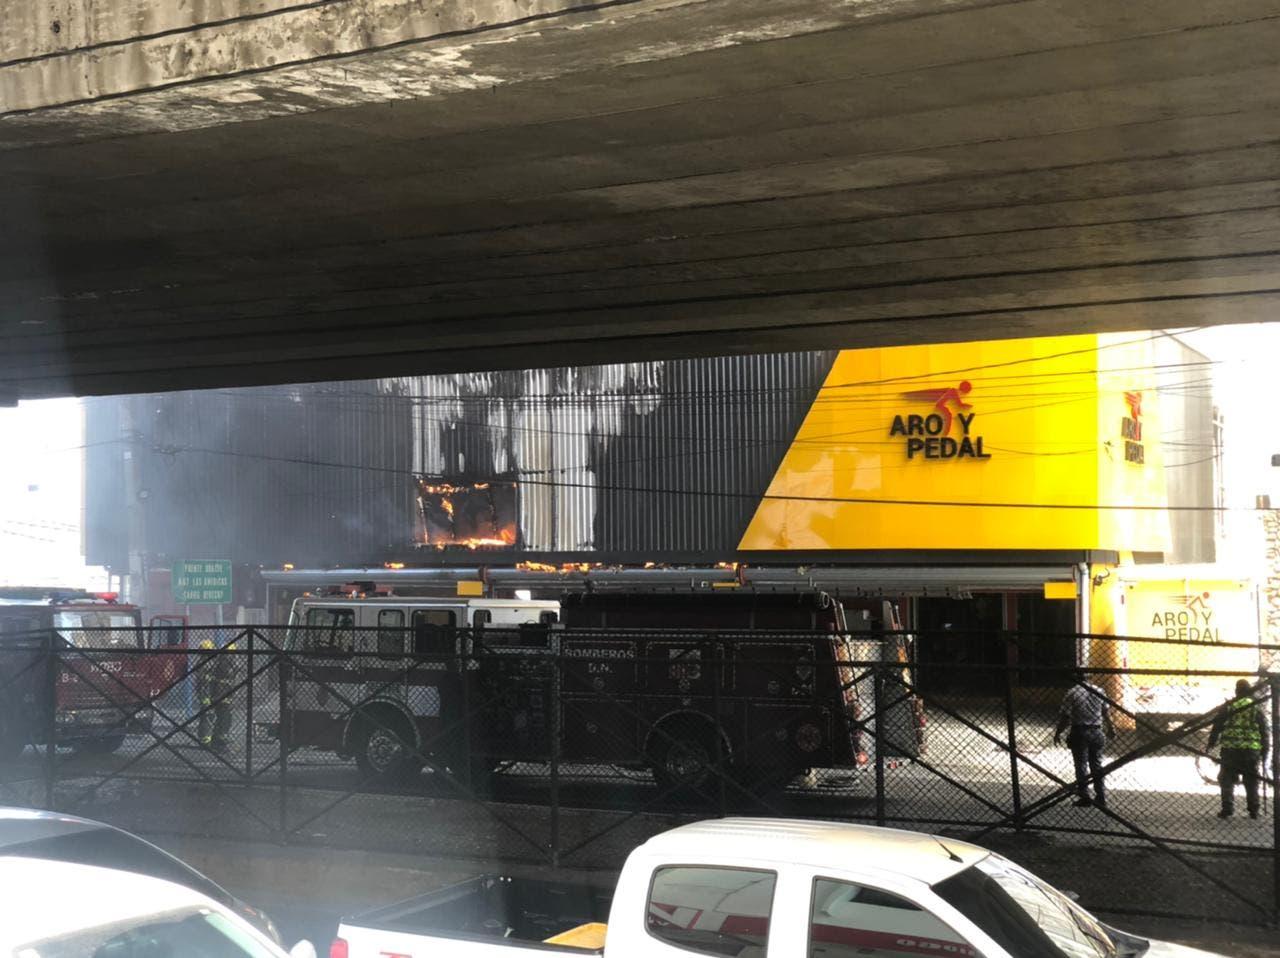 Fuego en Aro y Pedal está controlado; iniciarán investigación, afirma Cuerpo de Bomberos